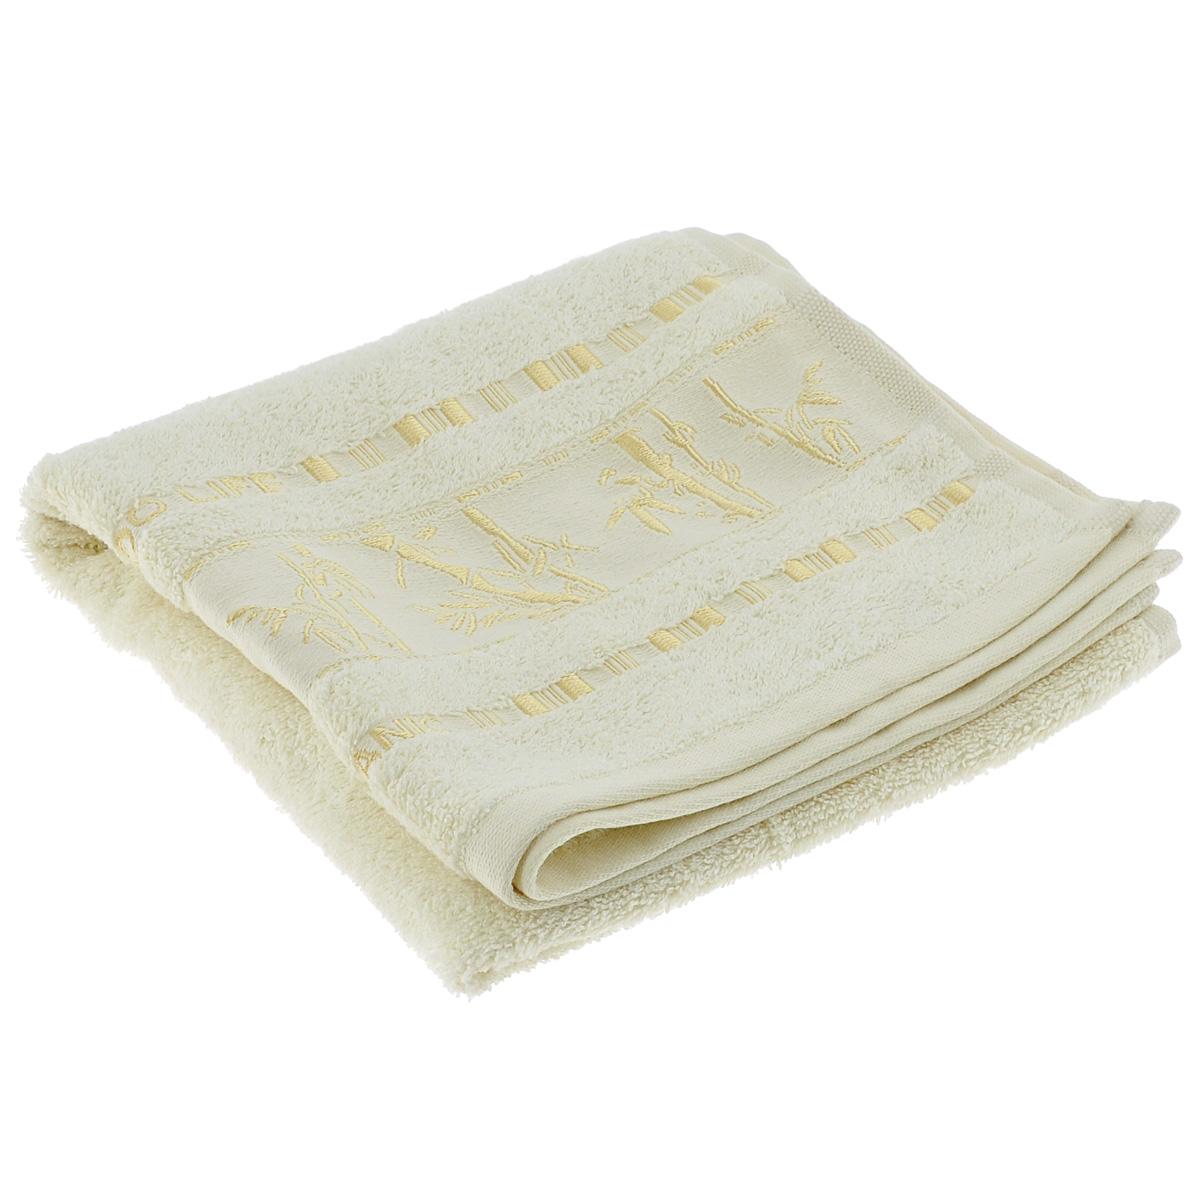 Полотенце Mariposa Bamboo, цвет: молочный, 50 см х 90 см50857Махровое полотенце Mariposa Bamboo, изготовленное из 100% бамбука, подарит массу положительных эмоций и приятных ощущений.Бамбук - инновация в текстильном производстве с потрясающими характеристиками. Бамбуковое волокно с натуральным блеском мягче самого мягкого хлопка и по качеству напоминает шелк и кашемир. Ткань из бамбука обладает натуральными антимикробными свойствами и не нуждается в специальной химической обработке. Ткань содержит компонент Bamboo Kun, предотвращающий размножение бактерий. Бамбук - это самый жизнеспособный природный ресурс, он растет без пестицидов и химикатов, поэтому экологичен. Полотенца из бамбука только издали похожи на обычные. На самом деле, при первом же прикосновении вы ощутите невероятную мягкость и шелковистость. Таким полотенцем не нужно вытираться - только коснитесь кожи - и ткань сама все впитает! Несмотря на богатую плотность и высокую петлю полотенца, оно быстро сохнет, остается легким даже при намокании.Полотенце оформлено изображением бамбука. Благородный тон создает уют и подчеркивает лучшие качества махровой ткани. Полотенце Mariposa Bamboo станет достойным выбором для вас и приятным подарком для ваших близких.